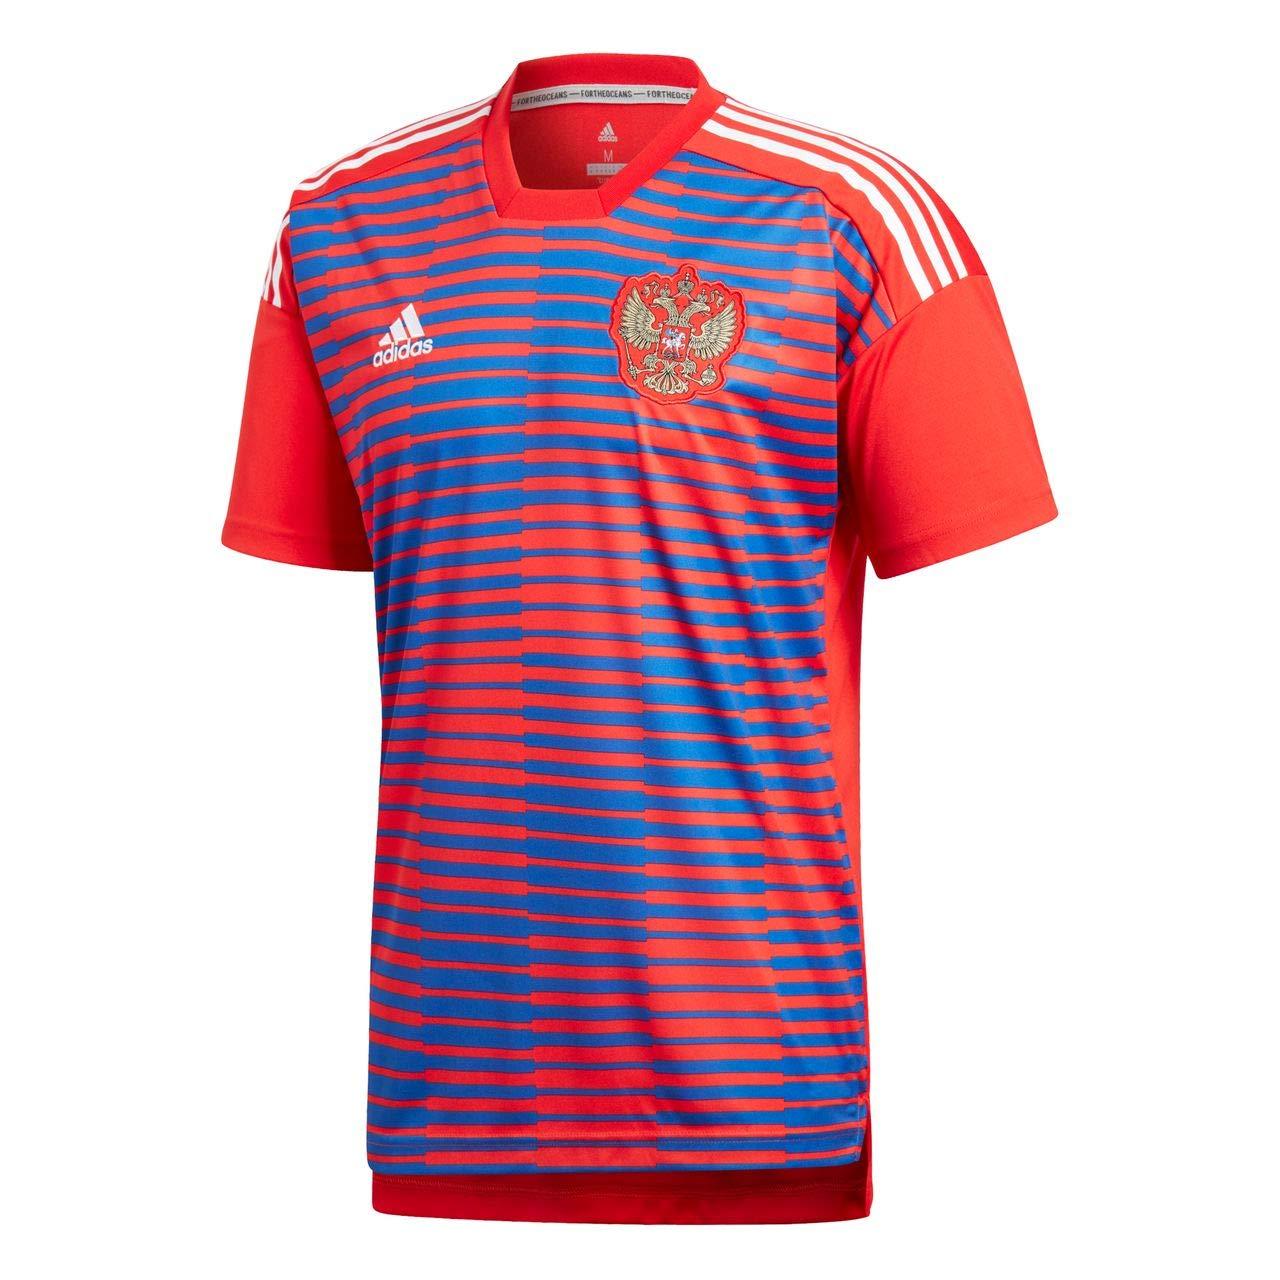 Adidas Rusia de Home Pre Match Camiseta: Amazon.es: Deportes y aire libre